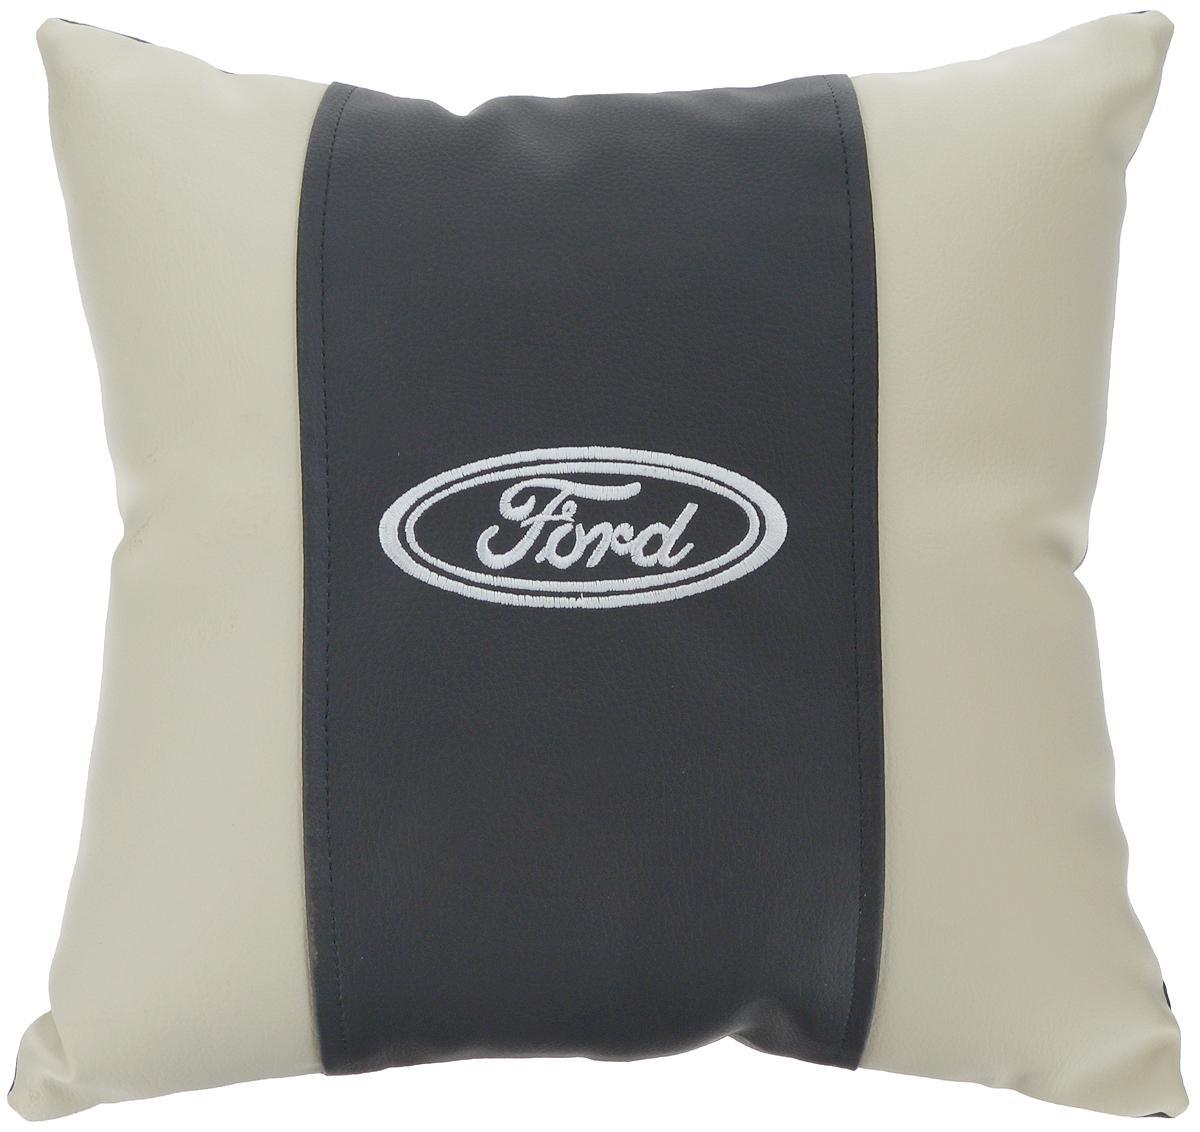 Подушка на сиденье Autoparts Ford, 30 х 30 смМ045Подушка на сиденье Autoparts Ford создана для тех, кто весь свой день вынужден проводить за рулем. Чехол выполнен из высококачественной дышащей экокожи. Наполнителем служит холлофайбер. На задней части подушки имеется змейка. Особенности подушки: - Хорошо проветривается. - Предупреждает потение. - Поддерживает комфортную температуру. - Обминается по форме тела. - Улучшает кровообращение. - Исключает затечные явления. - Предупреждает развитие заболеваний, связанных с сидячим образом жизни. Подушка также будет полезна и дома - при работе за компьютером, школьникам - при выполнении домашних работ, да и в любимом кресле перед телевизором.